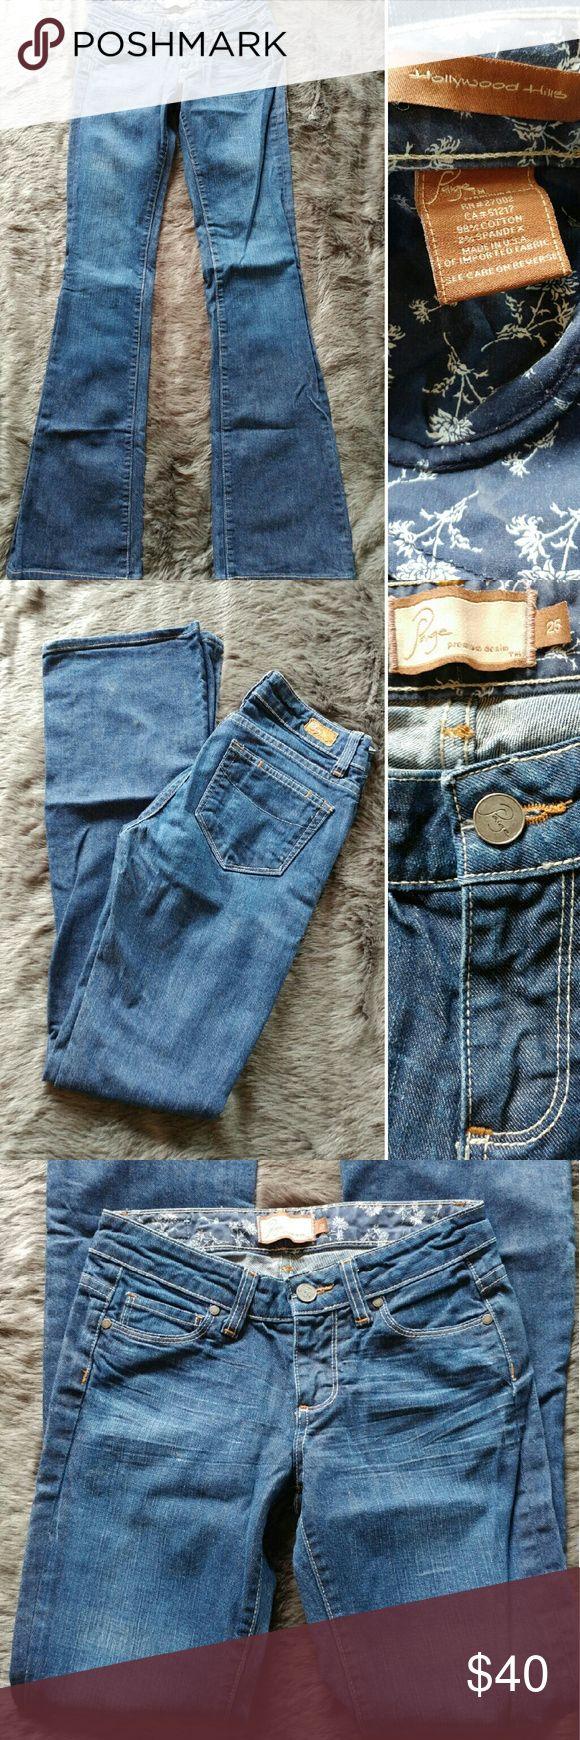 Paige Premium Denim Hollywood Hills Jeans SZ 25 Paige Premium Denim Hollywood Hills Bootcut Jeans Dark Wash Woman's SZ 25 Inseam 32. Jeans sre in excellent pre-owned condition. Thanks 🌸  Measurements:  Waist: 13 inches Rise: 7 inches Inseam: 32 Paige Jeans Jeans Boot Cut